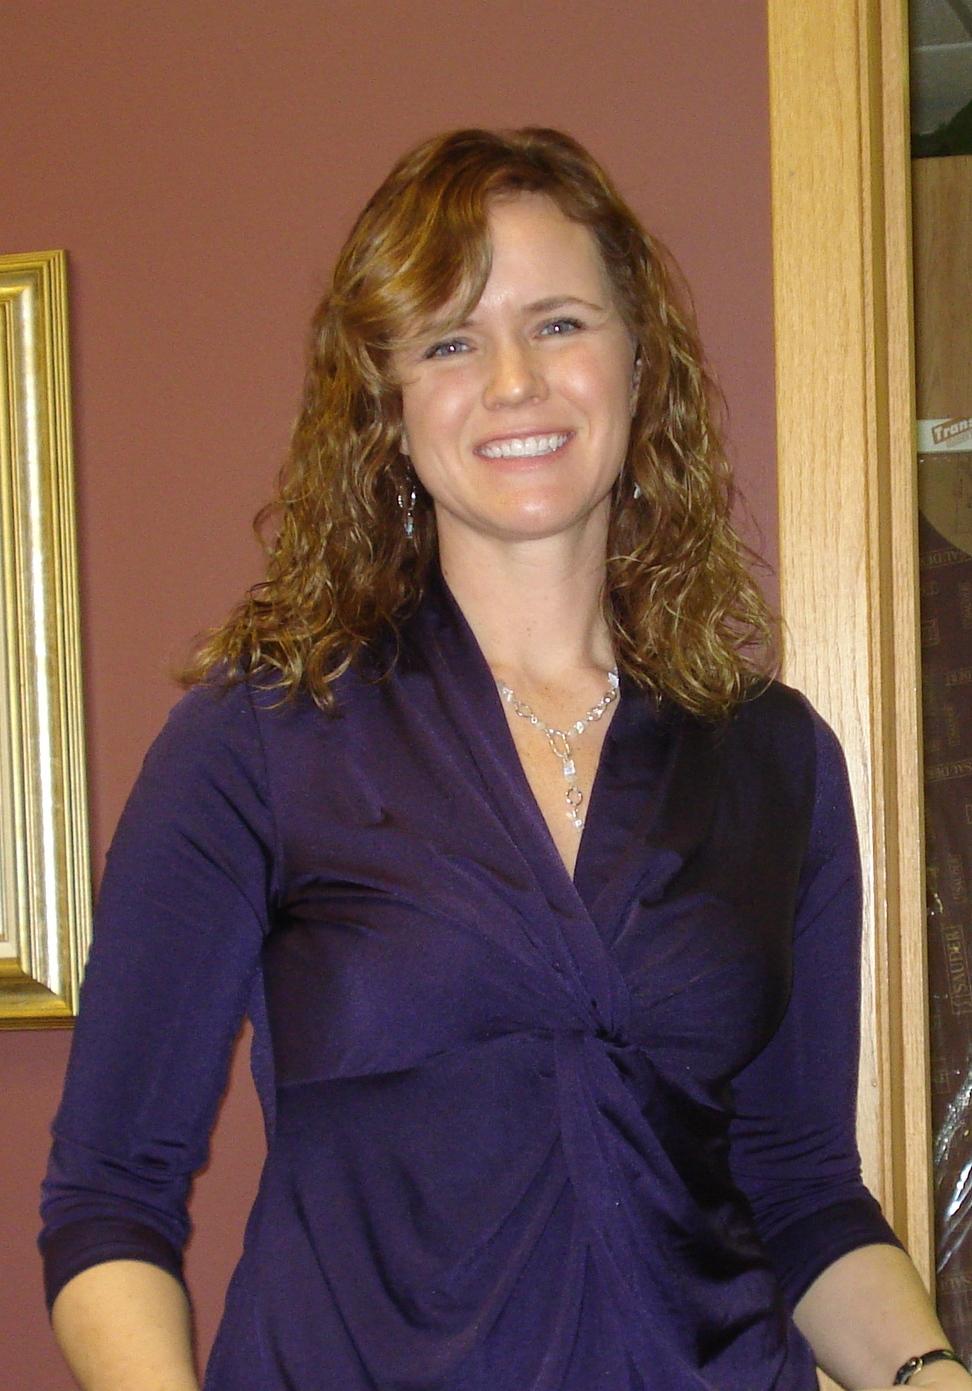 Caption: Mara Wittman - NWMAC Executive Director